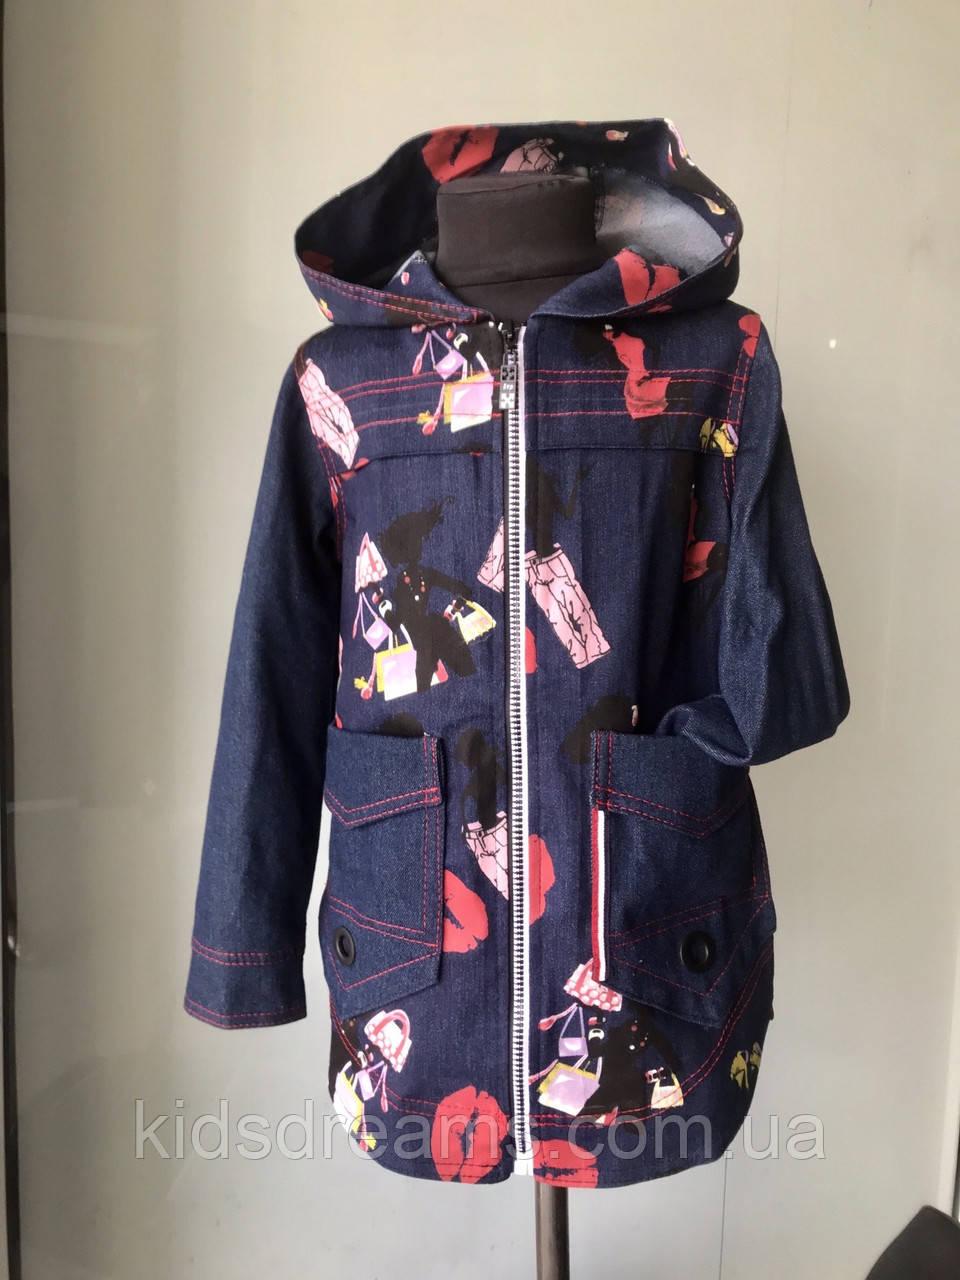 Джинсовое пальто (холодное лето)